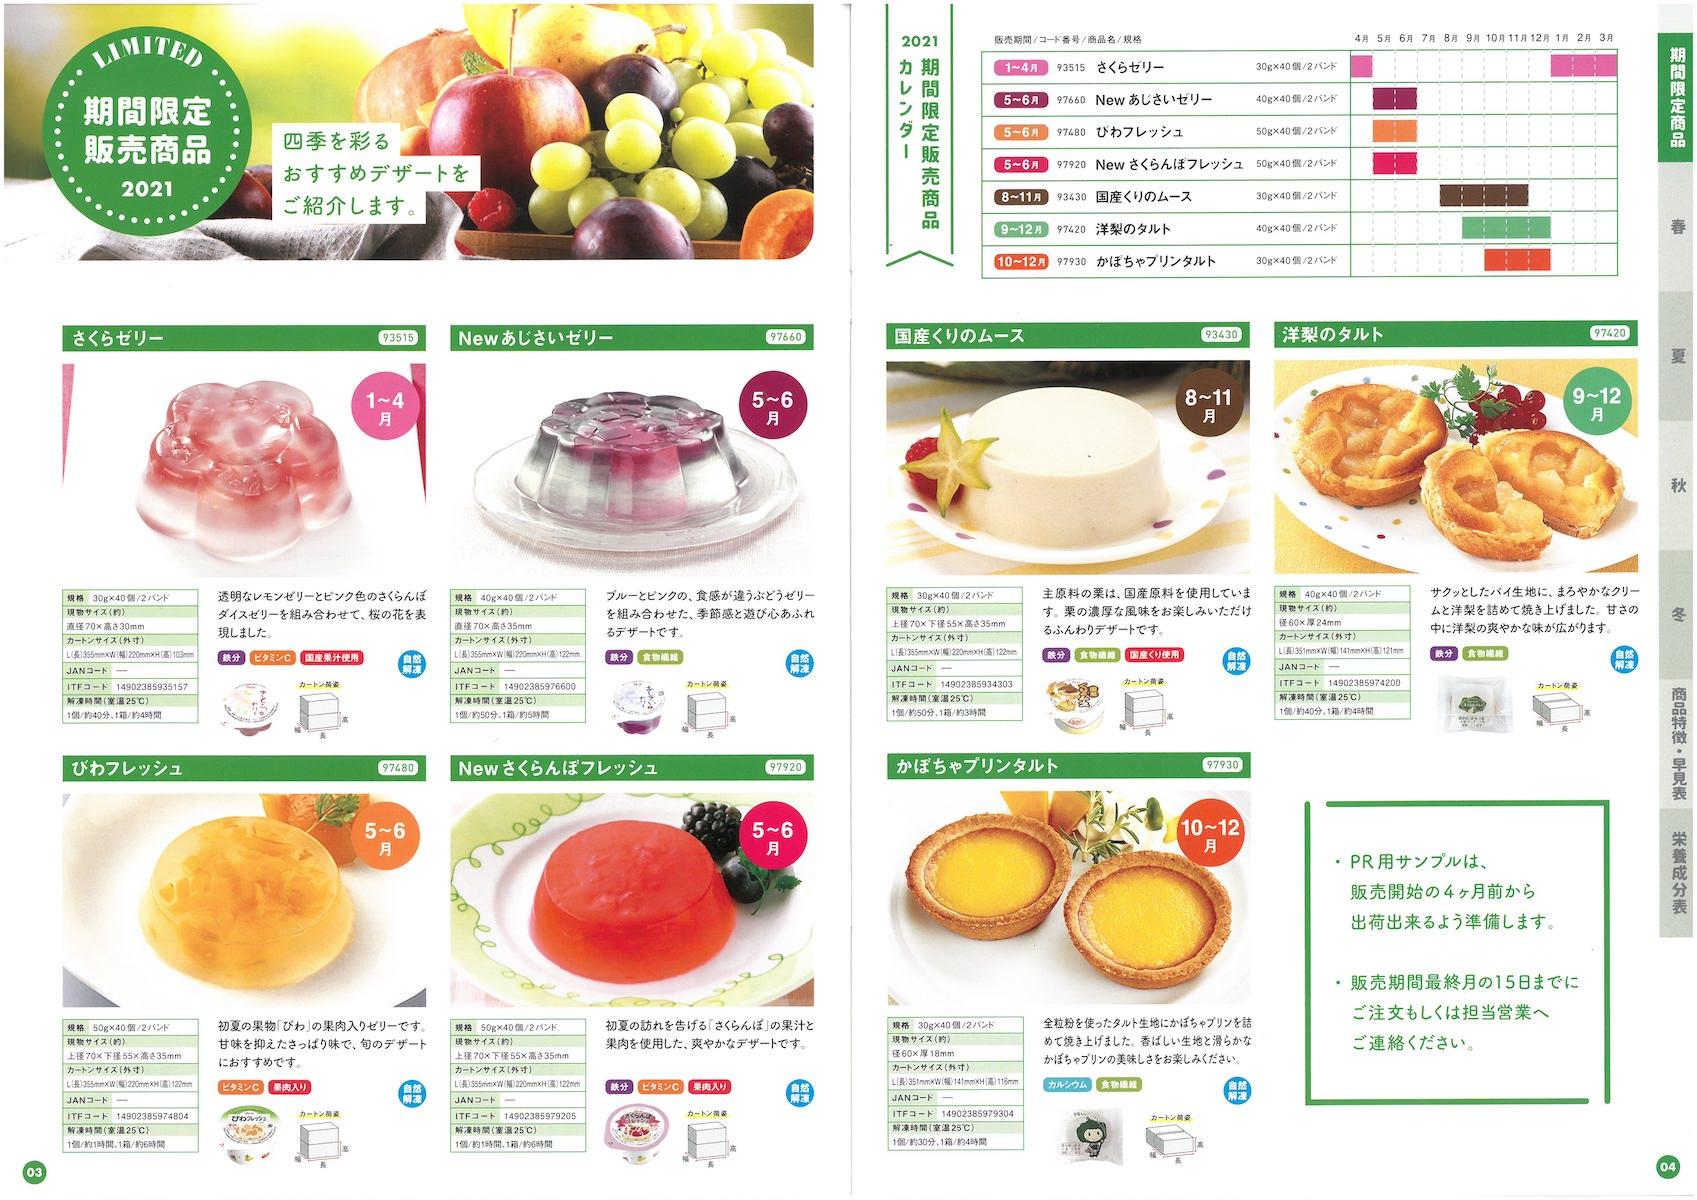 日東ベスト2021 業務用デザート総合カタログ